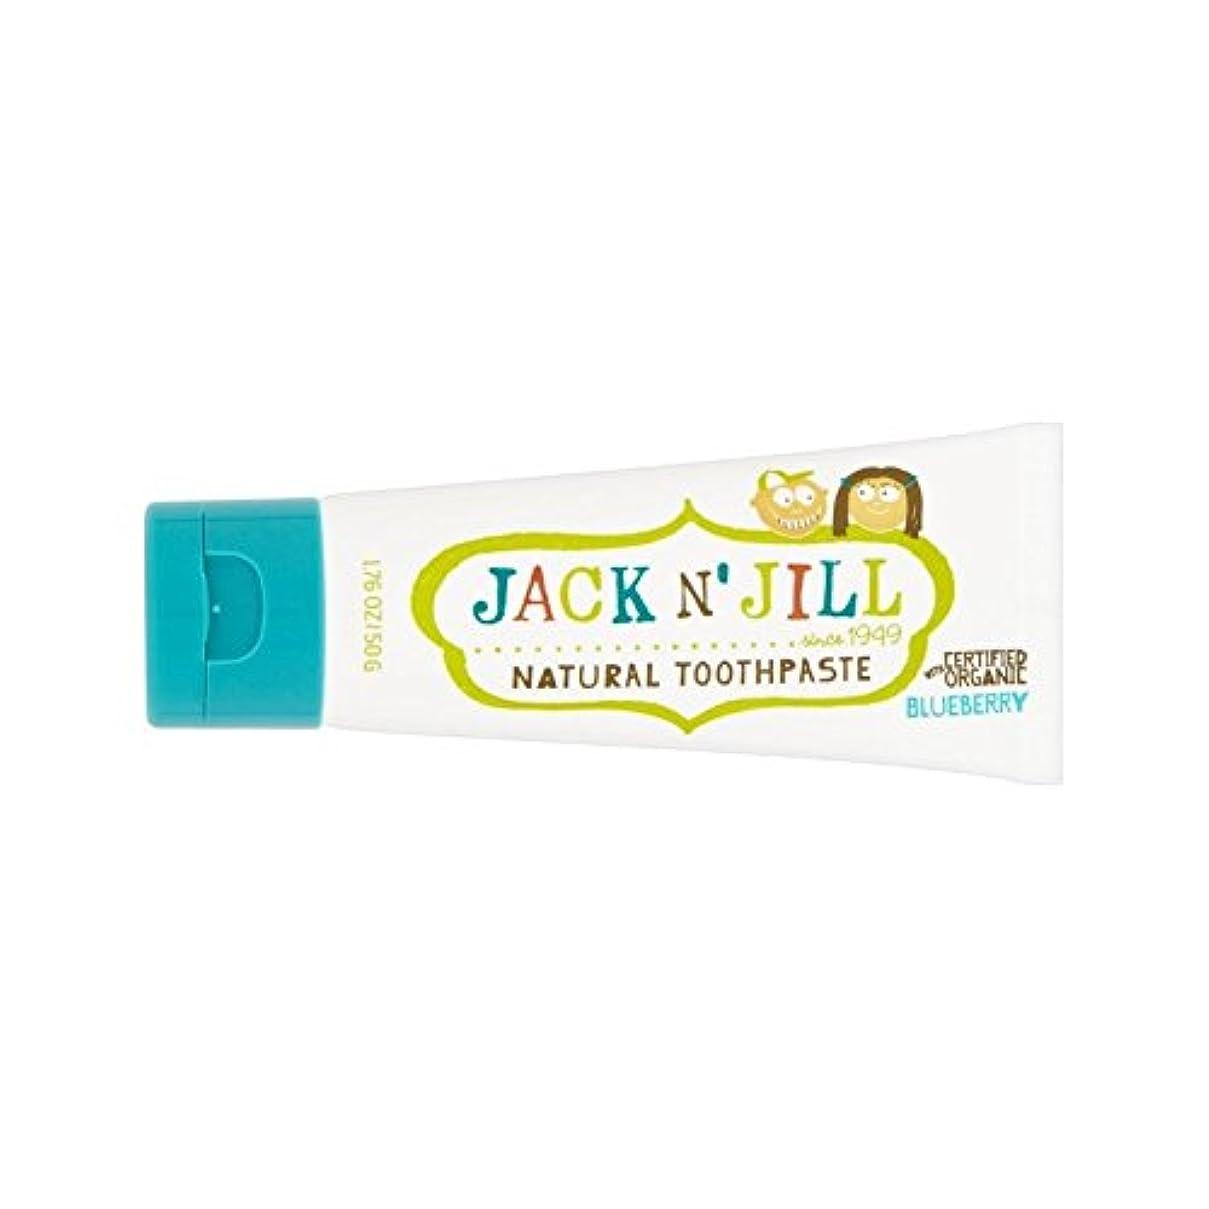 ハウジングしない代表有機香味50グラムとの自然なブルーベリー歯磨き粉 (Jack N Jill) - Jack N' Jill Blueberry Toothpaste Natural with Organic Flavouring 50g...